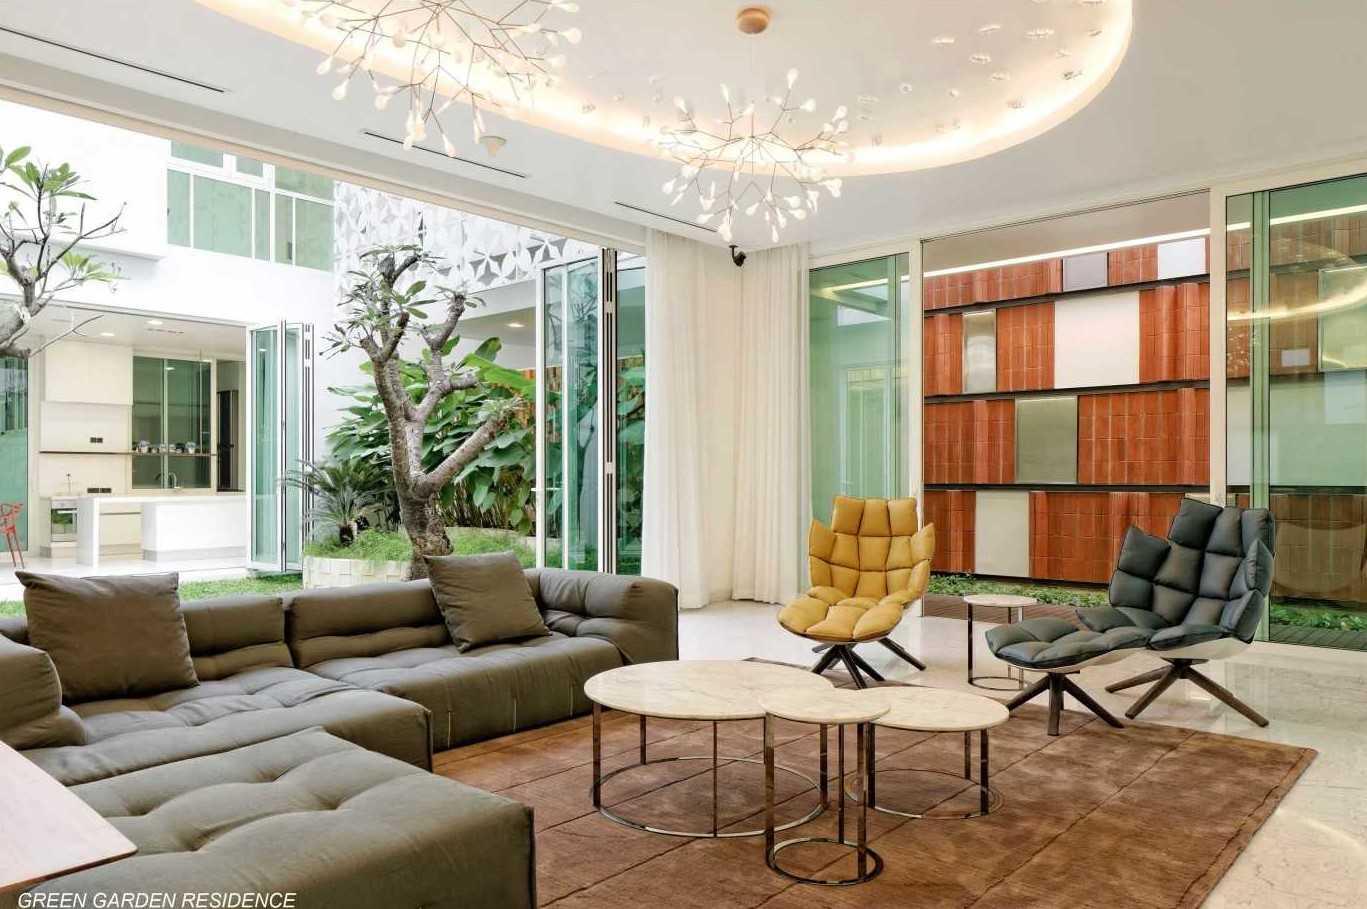 Foto inspirasi ide desain rumah kontemporer Living room oleh Atelier Cosmas Gozali di Arsitag